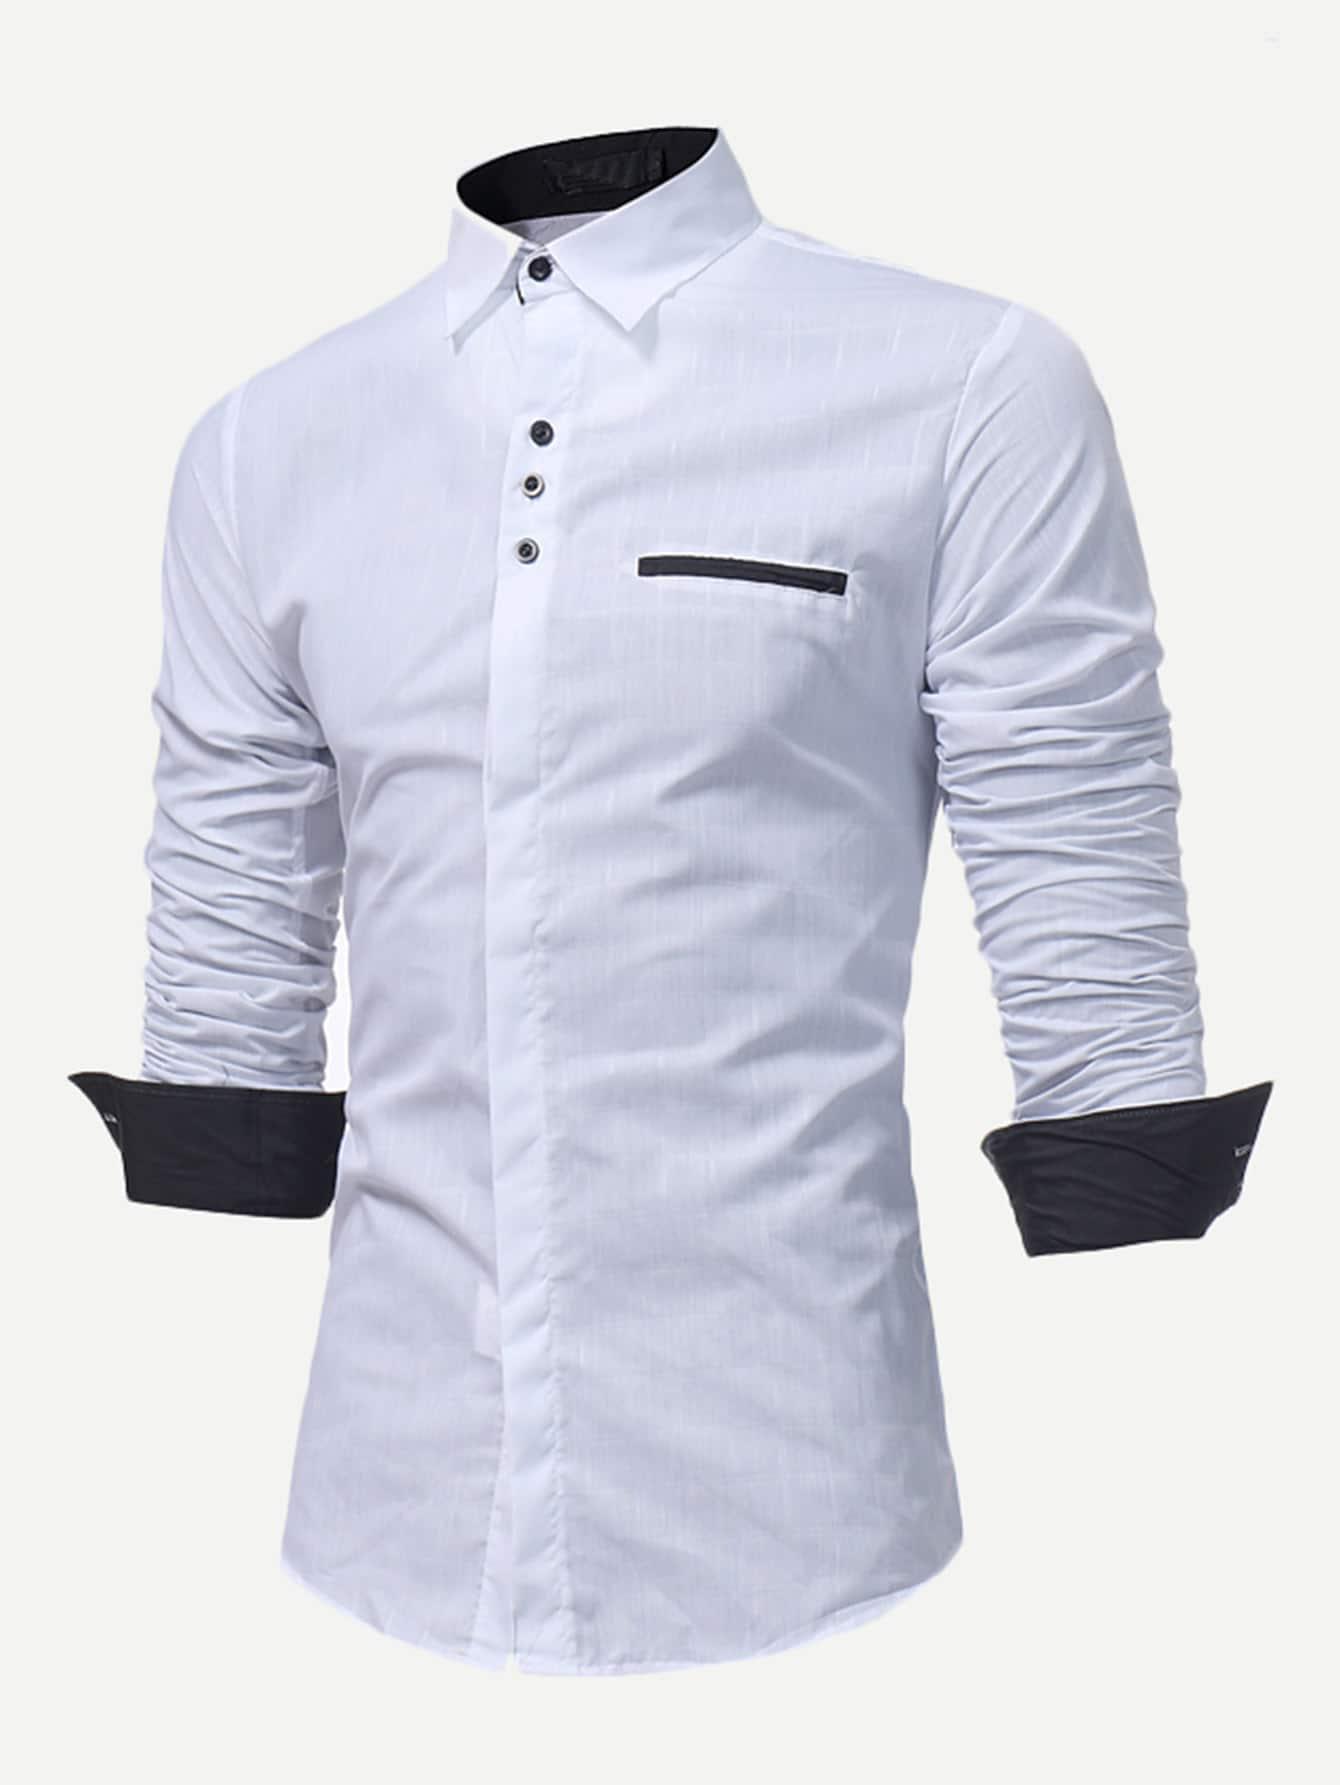 Купить Мужская футболка в клетку с воротником и украшением пуговицы, null, SheIn